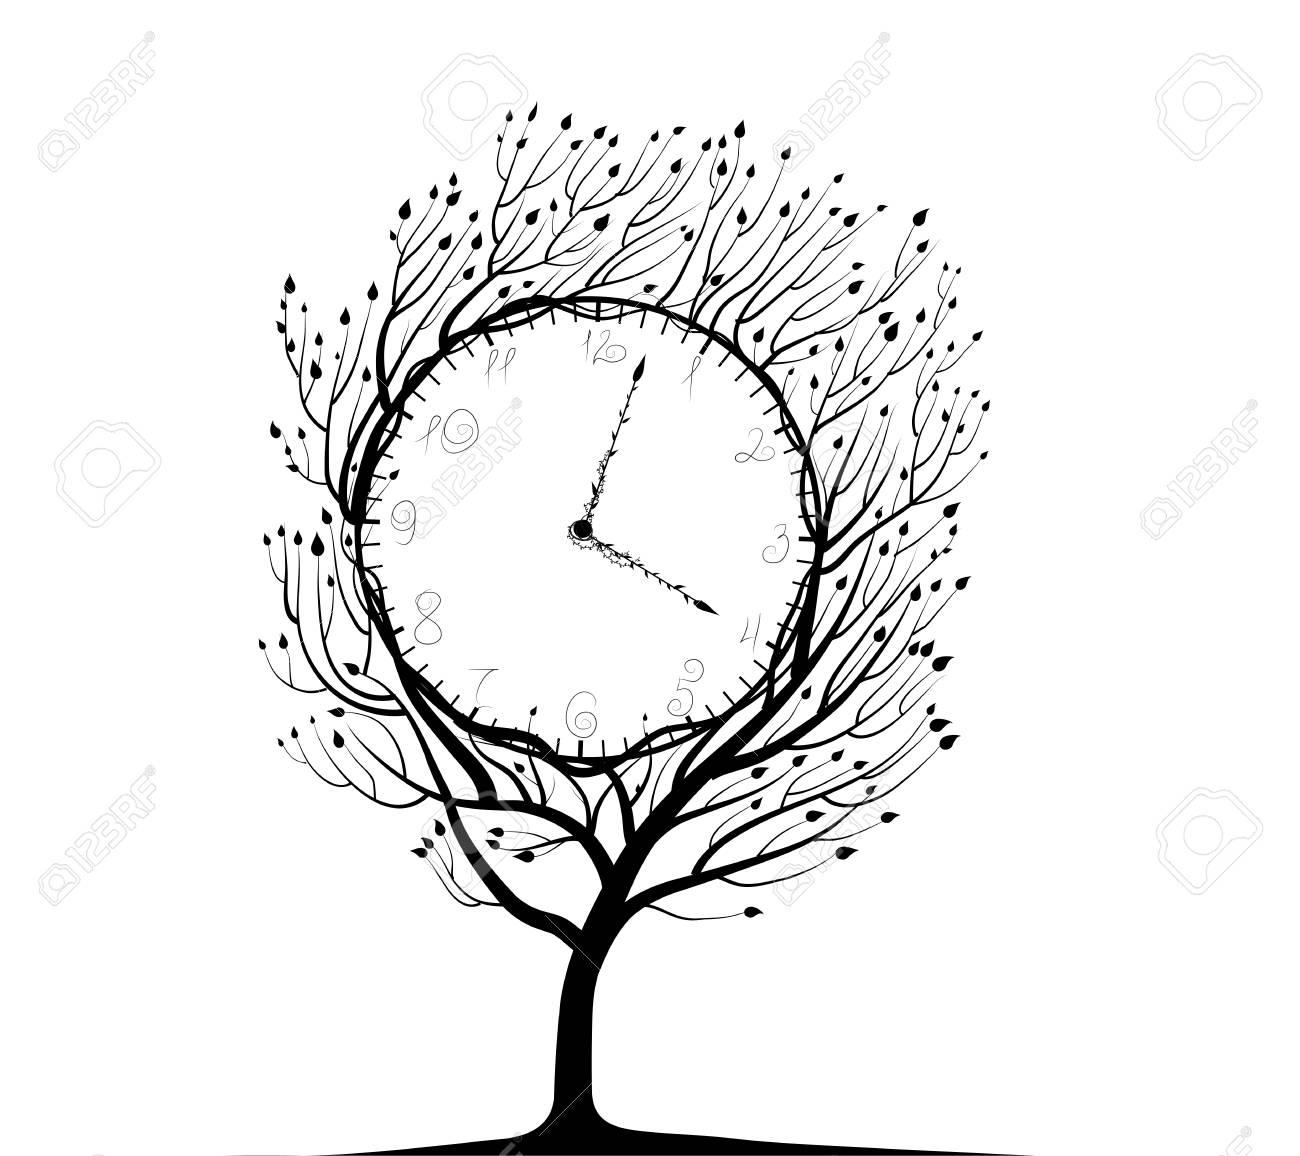 Cadenas Noir Et Blanc Temps De Lidée De La Vie Végétale étrange Horloge Vecteur